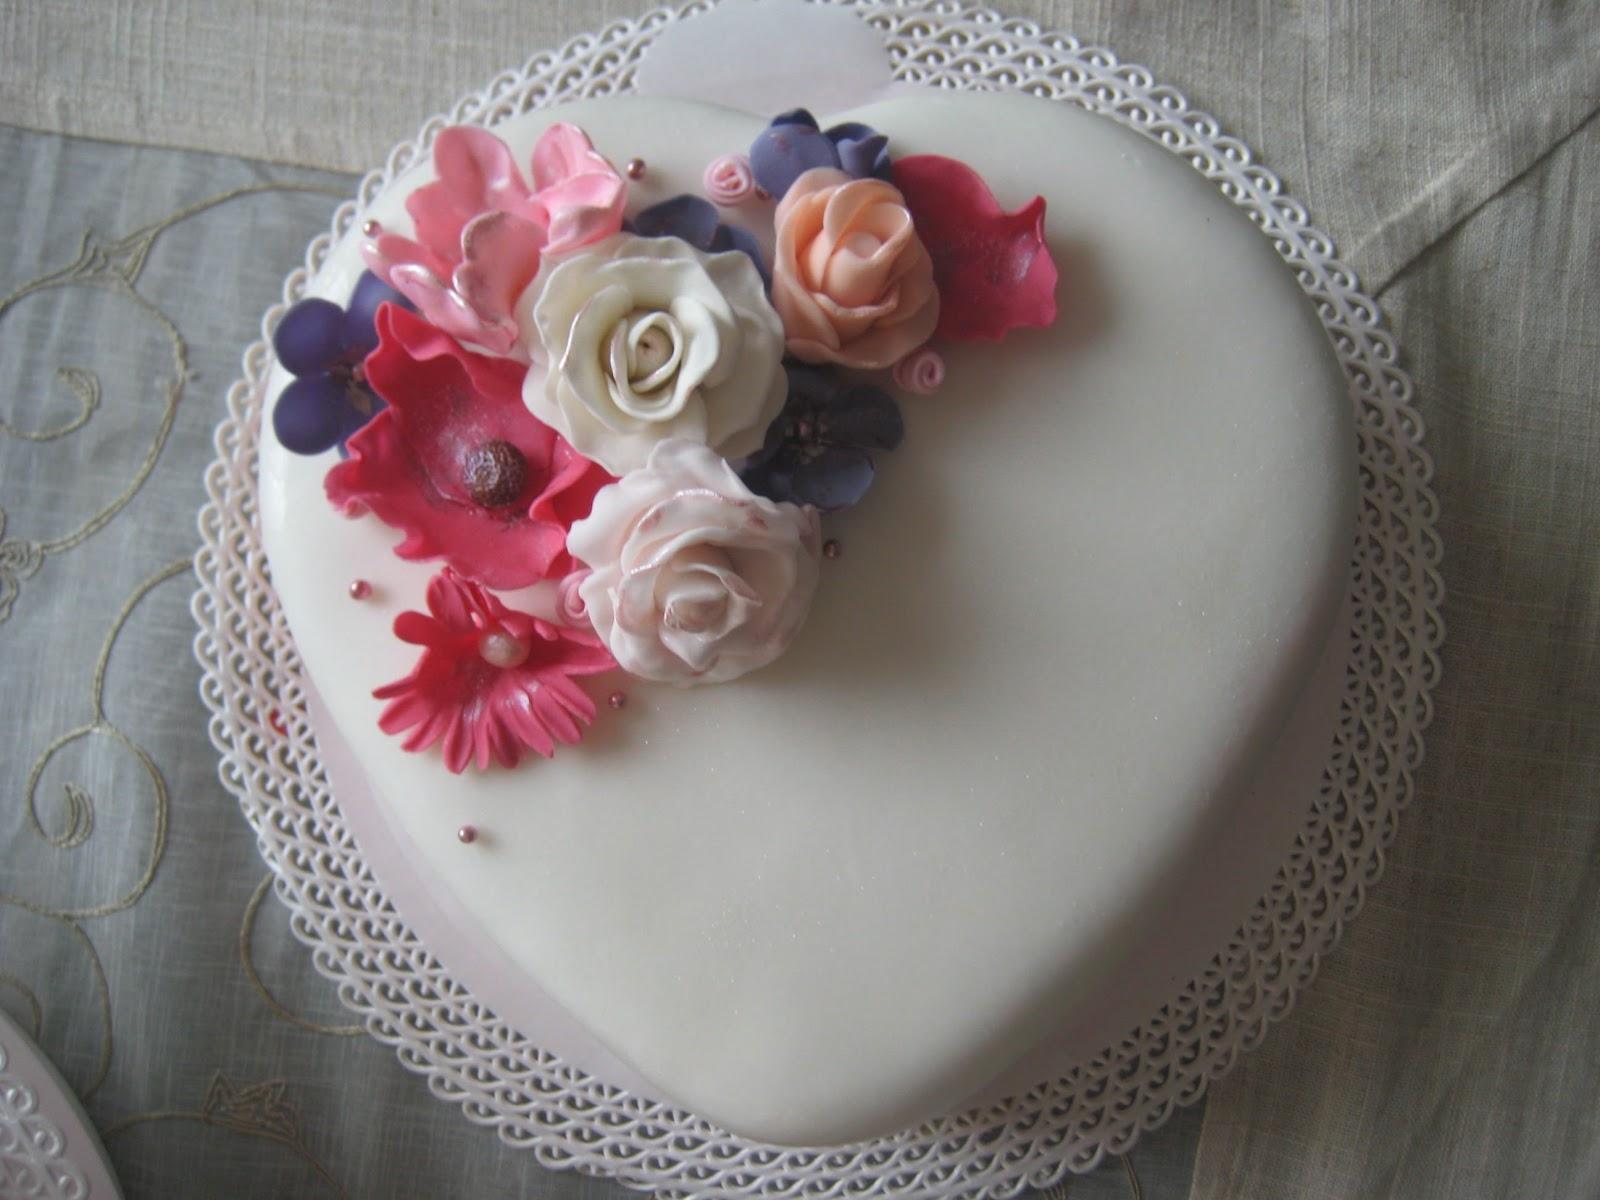 Pasteles De Boda Creativos: Pastel De Boda Fondant: Corazones Con Flores